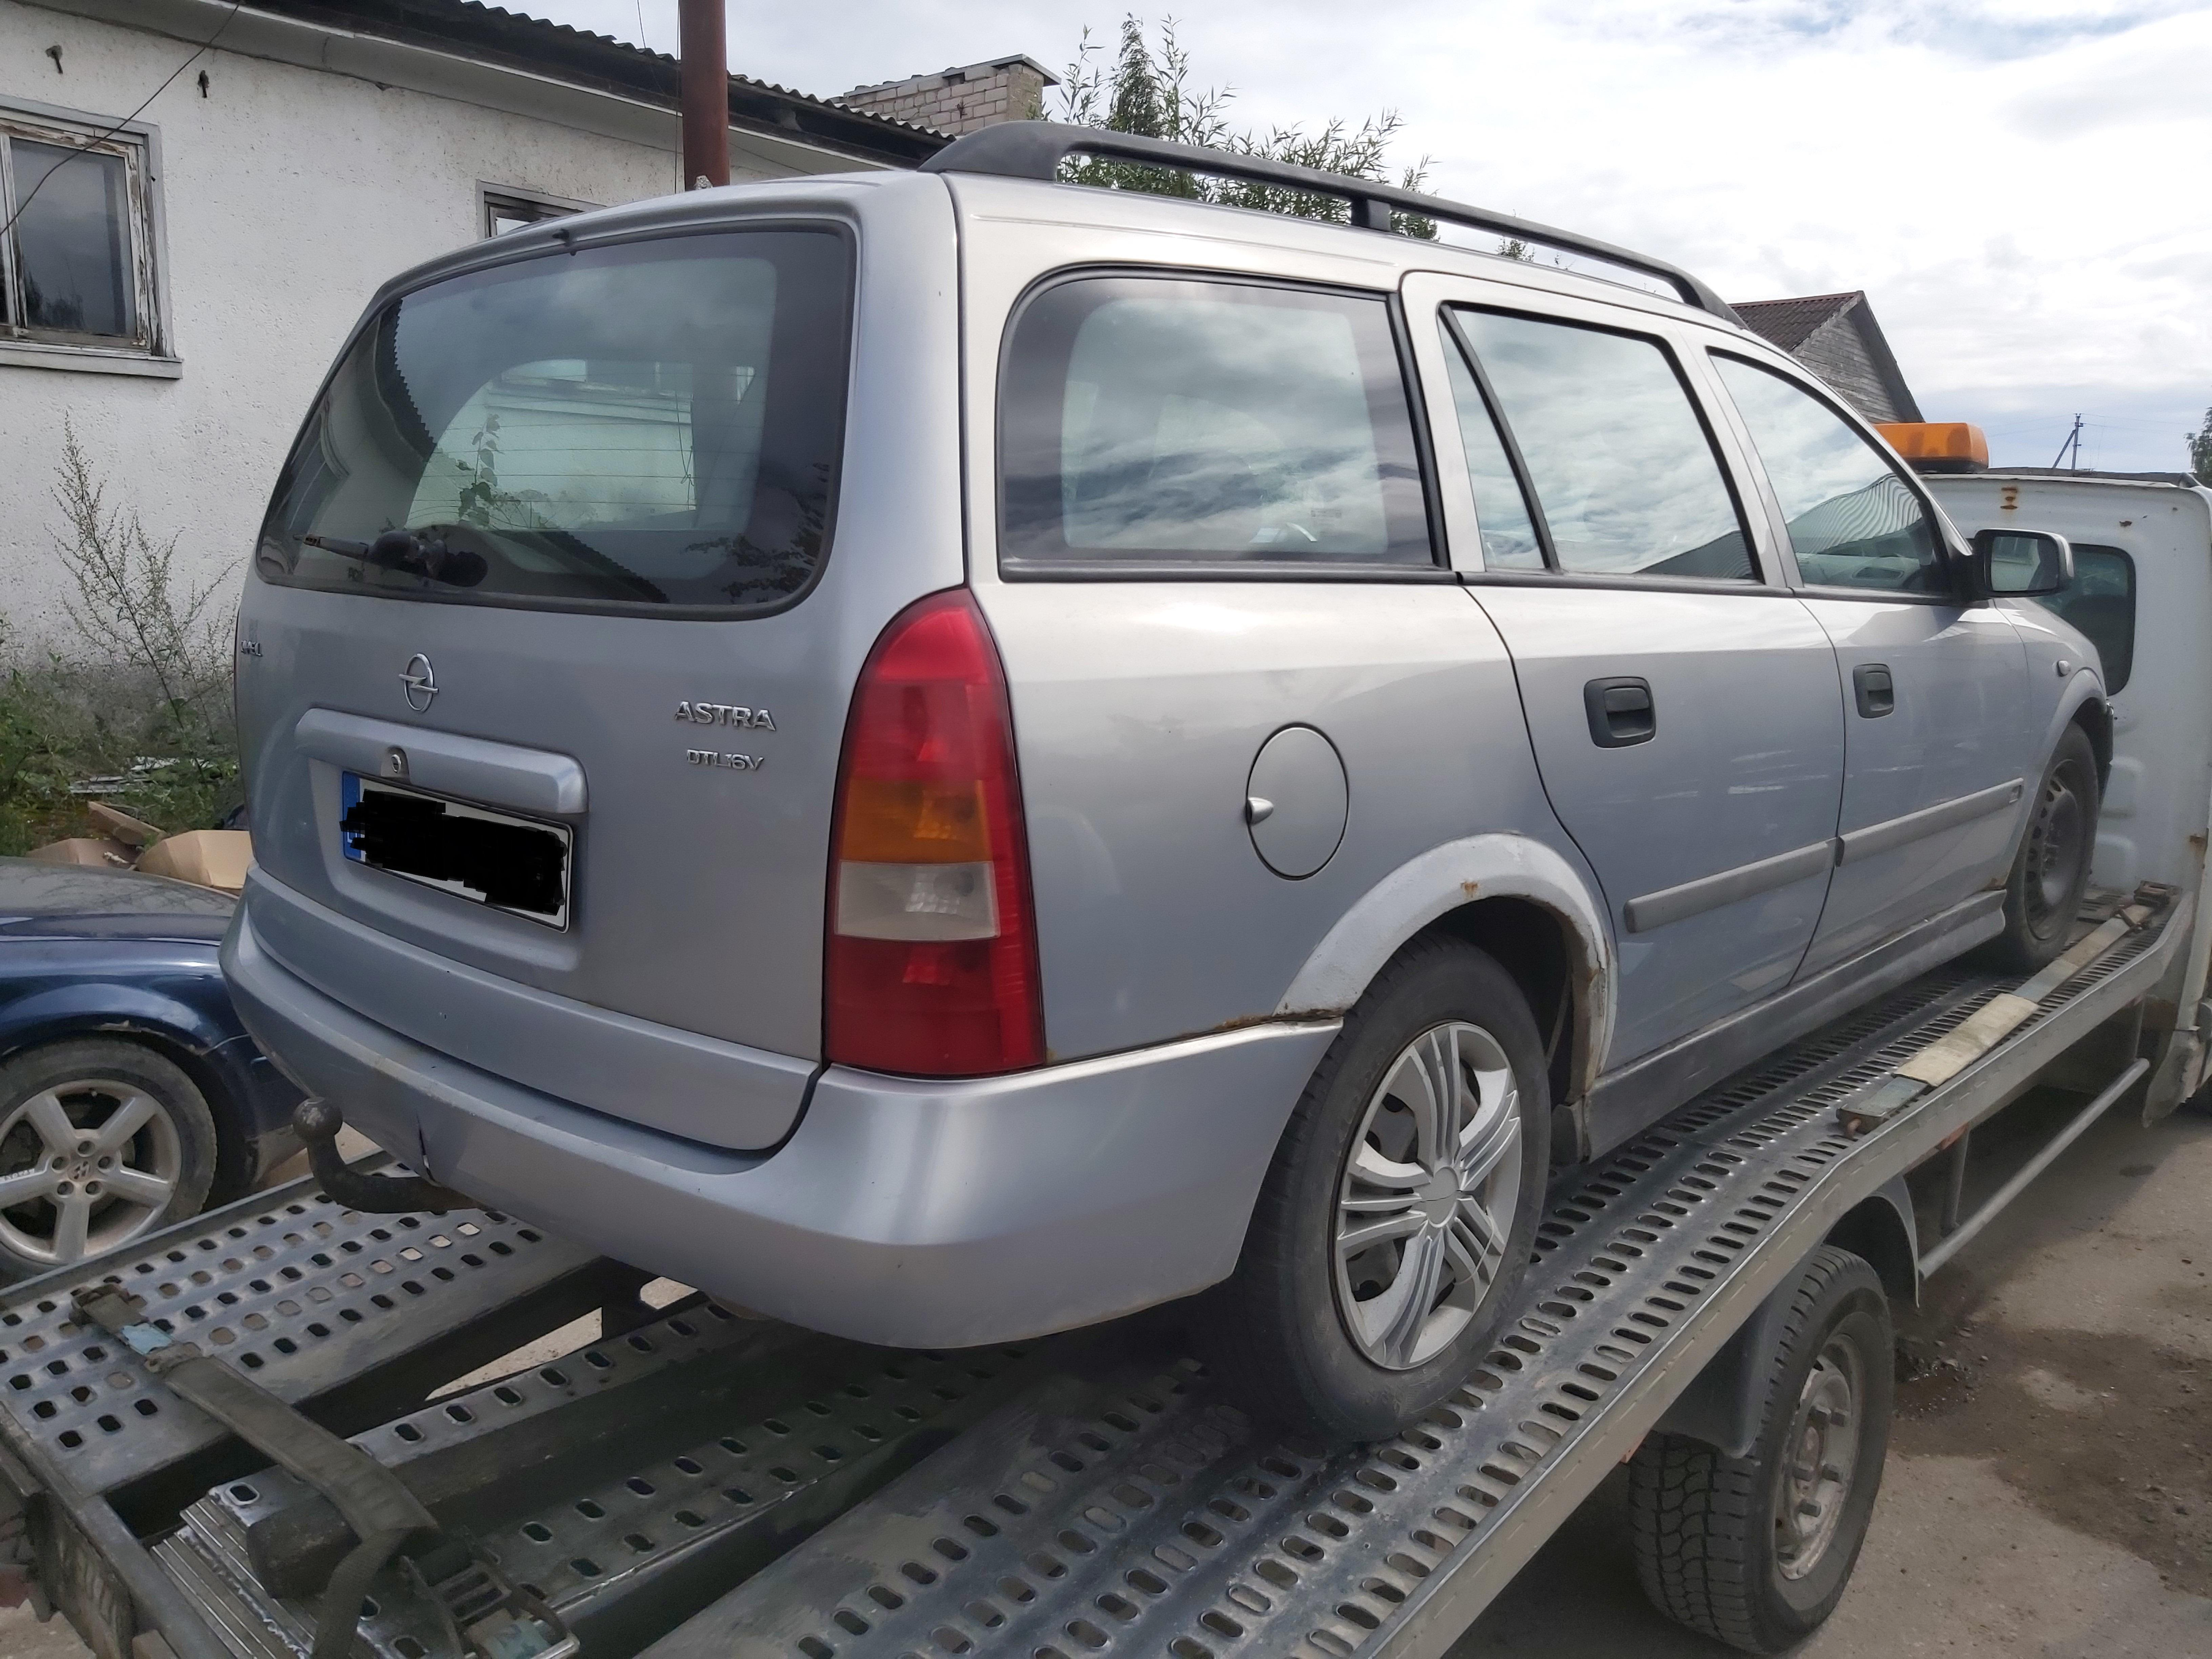 Подержанные Автозапчасти Foto 6 Opel ASTRA 2000 2.0 машиностроение универсал 4/5 d. Серый 2020-7-30 A5479